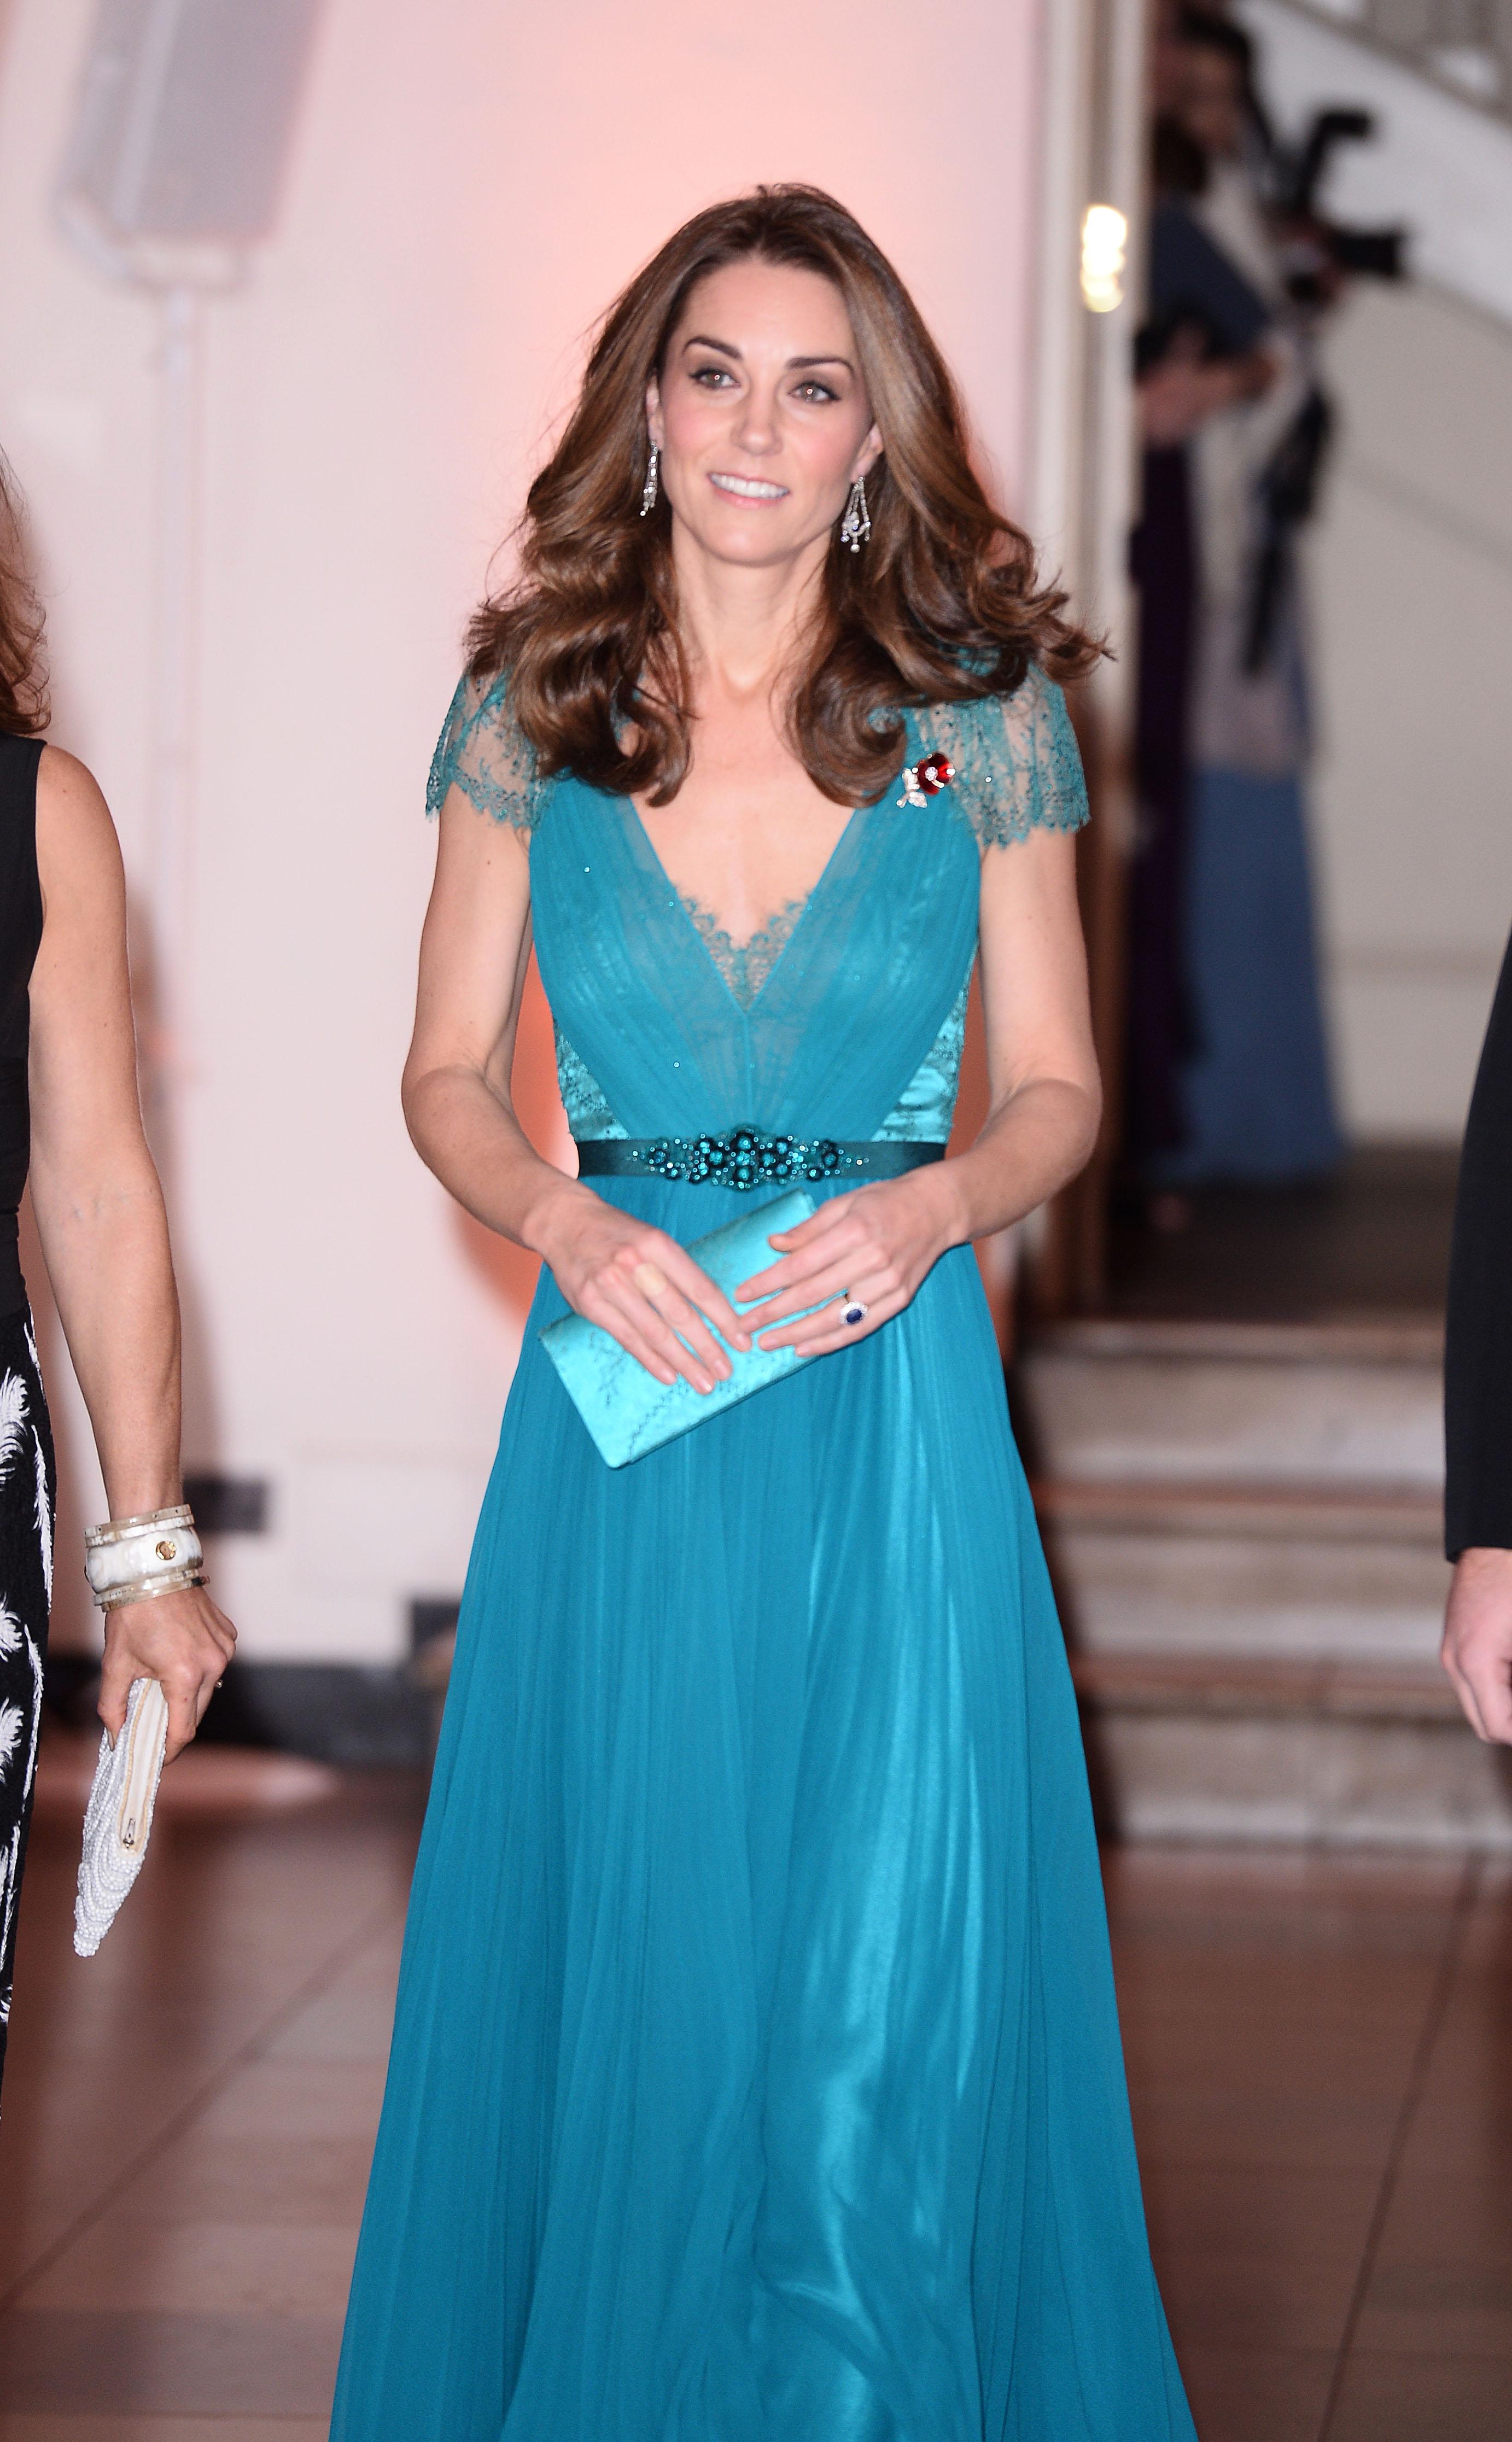 Разкошната рокля е дело наДжени Пакхам и съчетана склъч. Този път обаче Мидълтън е заложила на друга прическа.През 2012 г. тя е с елегантен кок, а сега е със спусната коса.